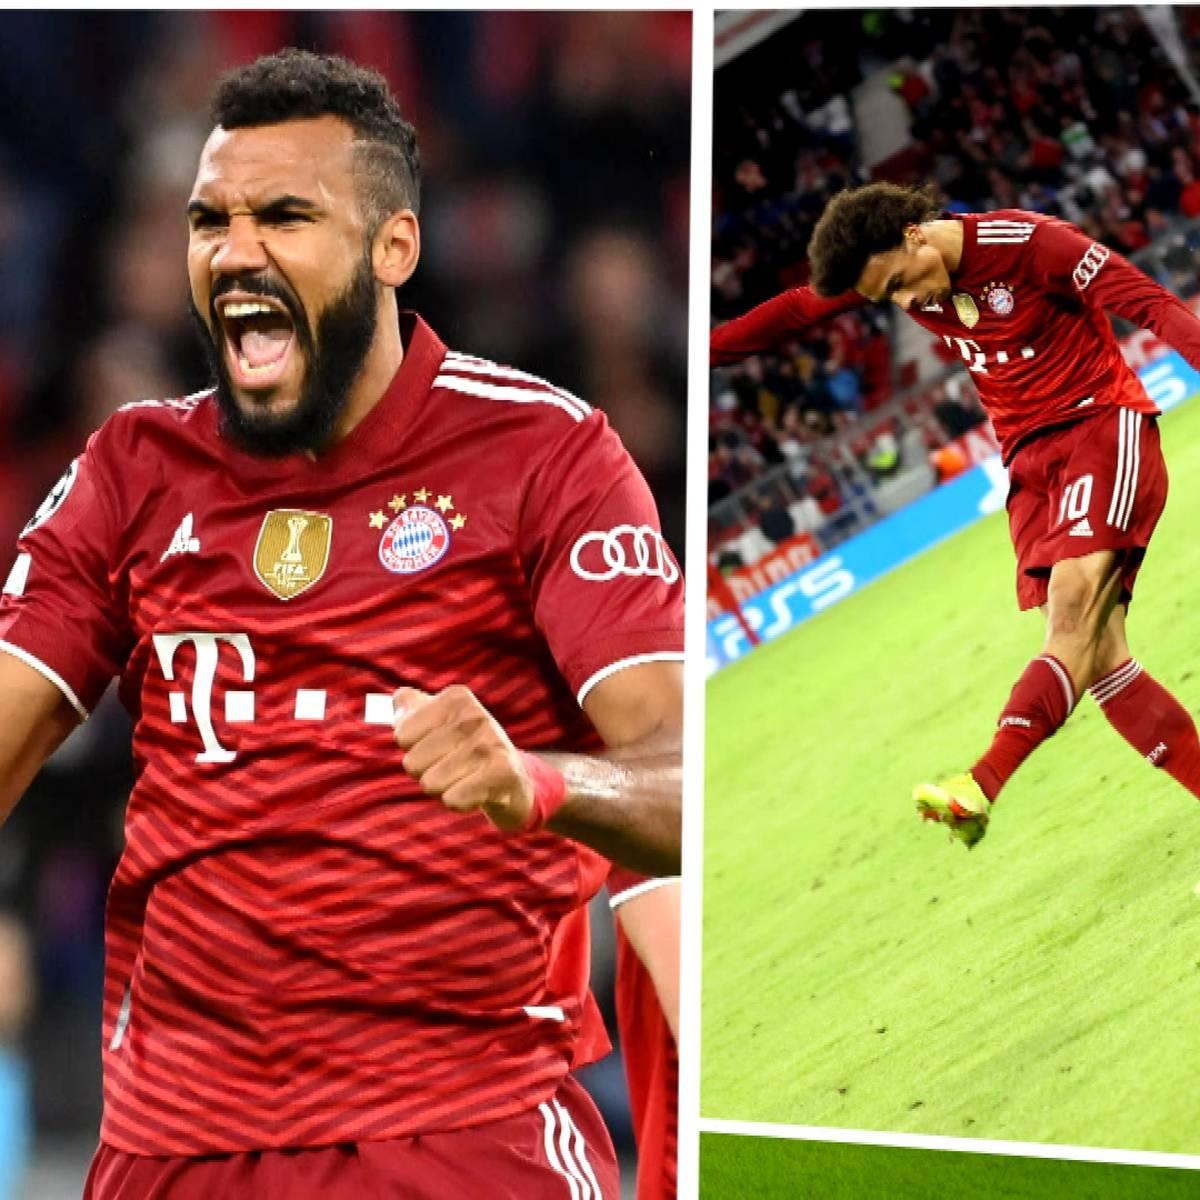 Nächste Tor-Gala: So macht Nagelsmann Bayern besser